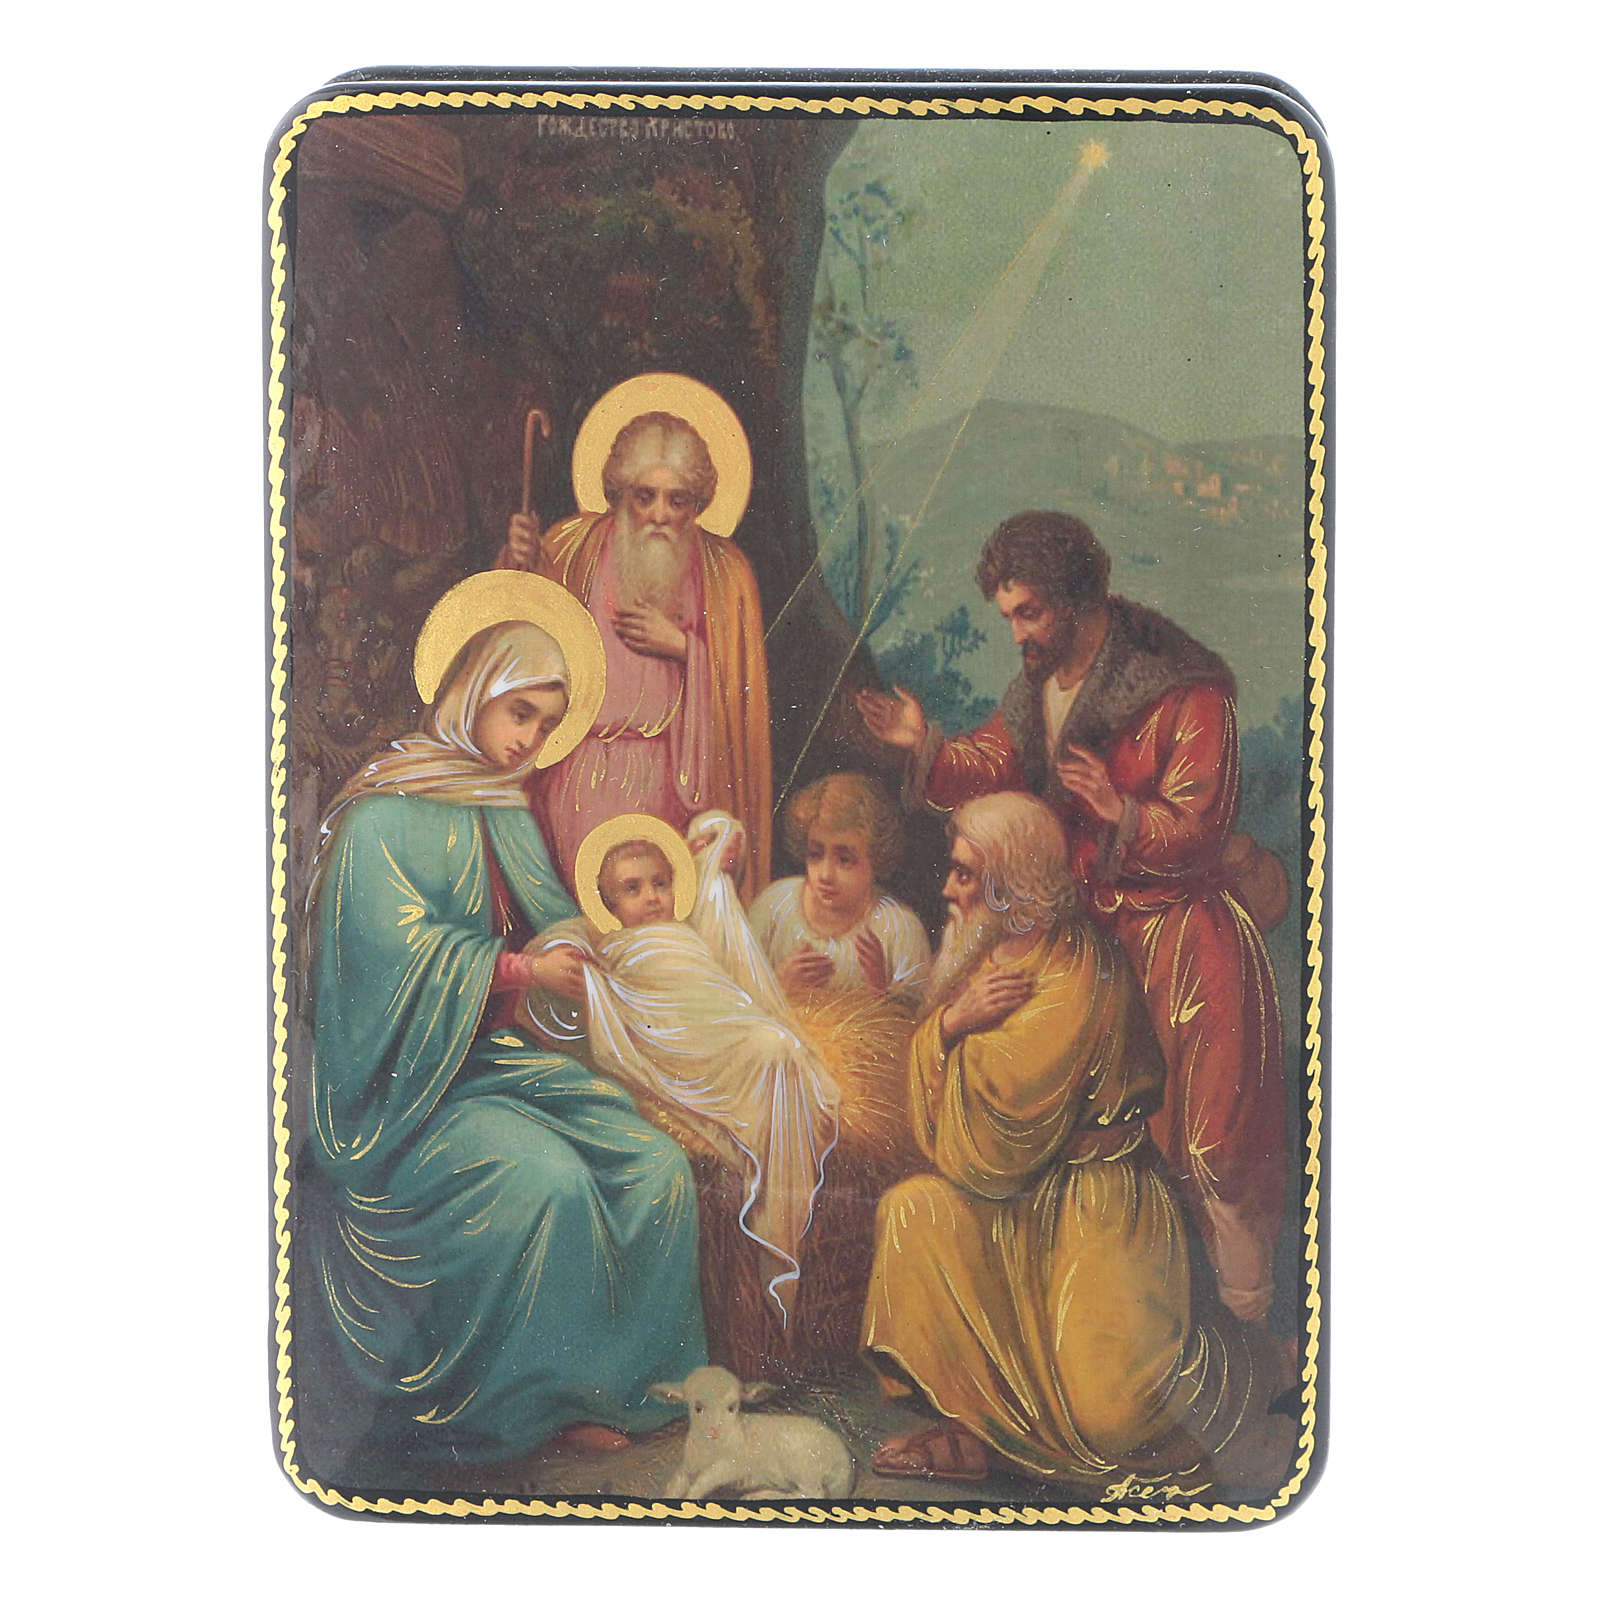 Scatola russa cartapesta Nascita di Cristo Fedoskino style 15x11 4